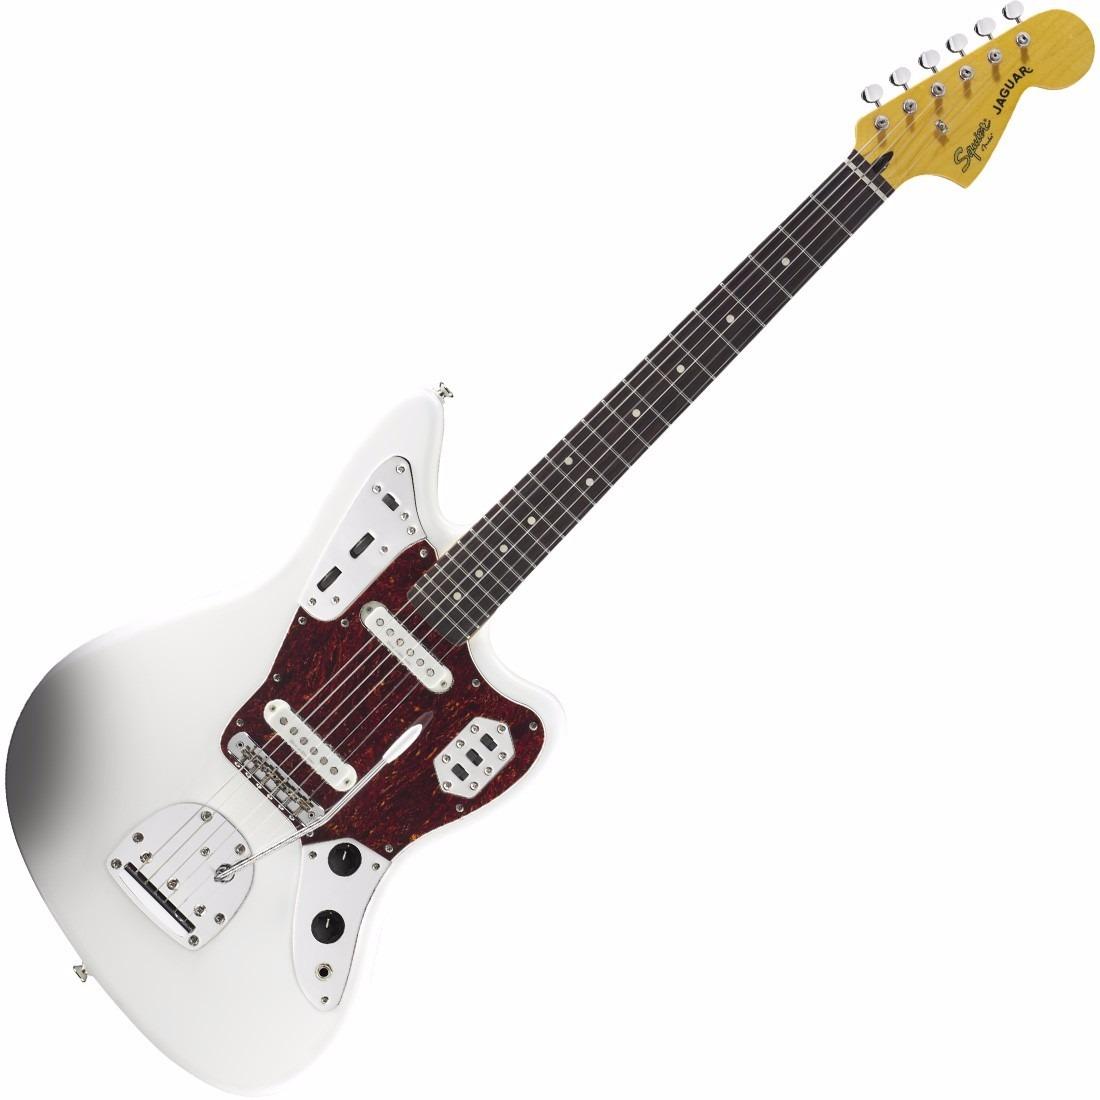 Agree, your Fender vintage jaguar